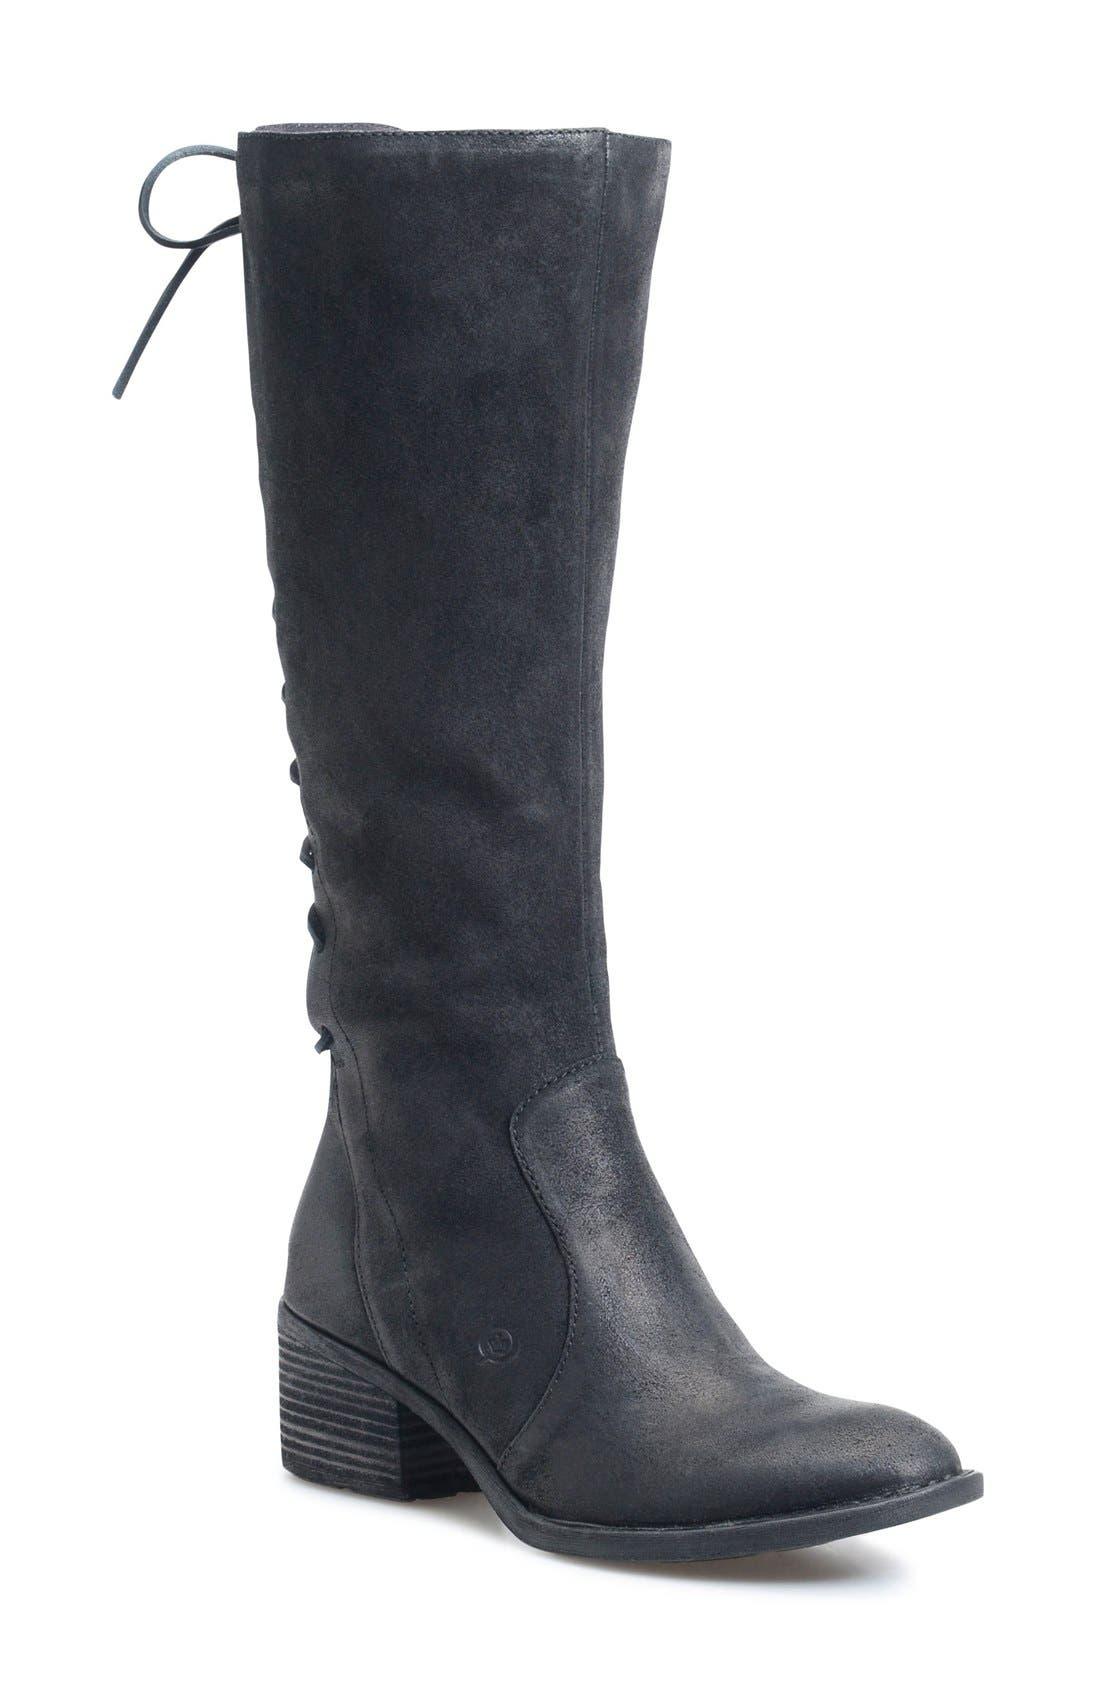 Børn Azurite Knee High Boot (Women)